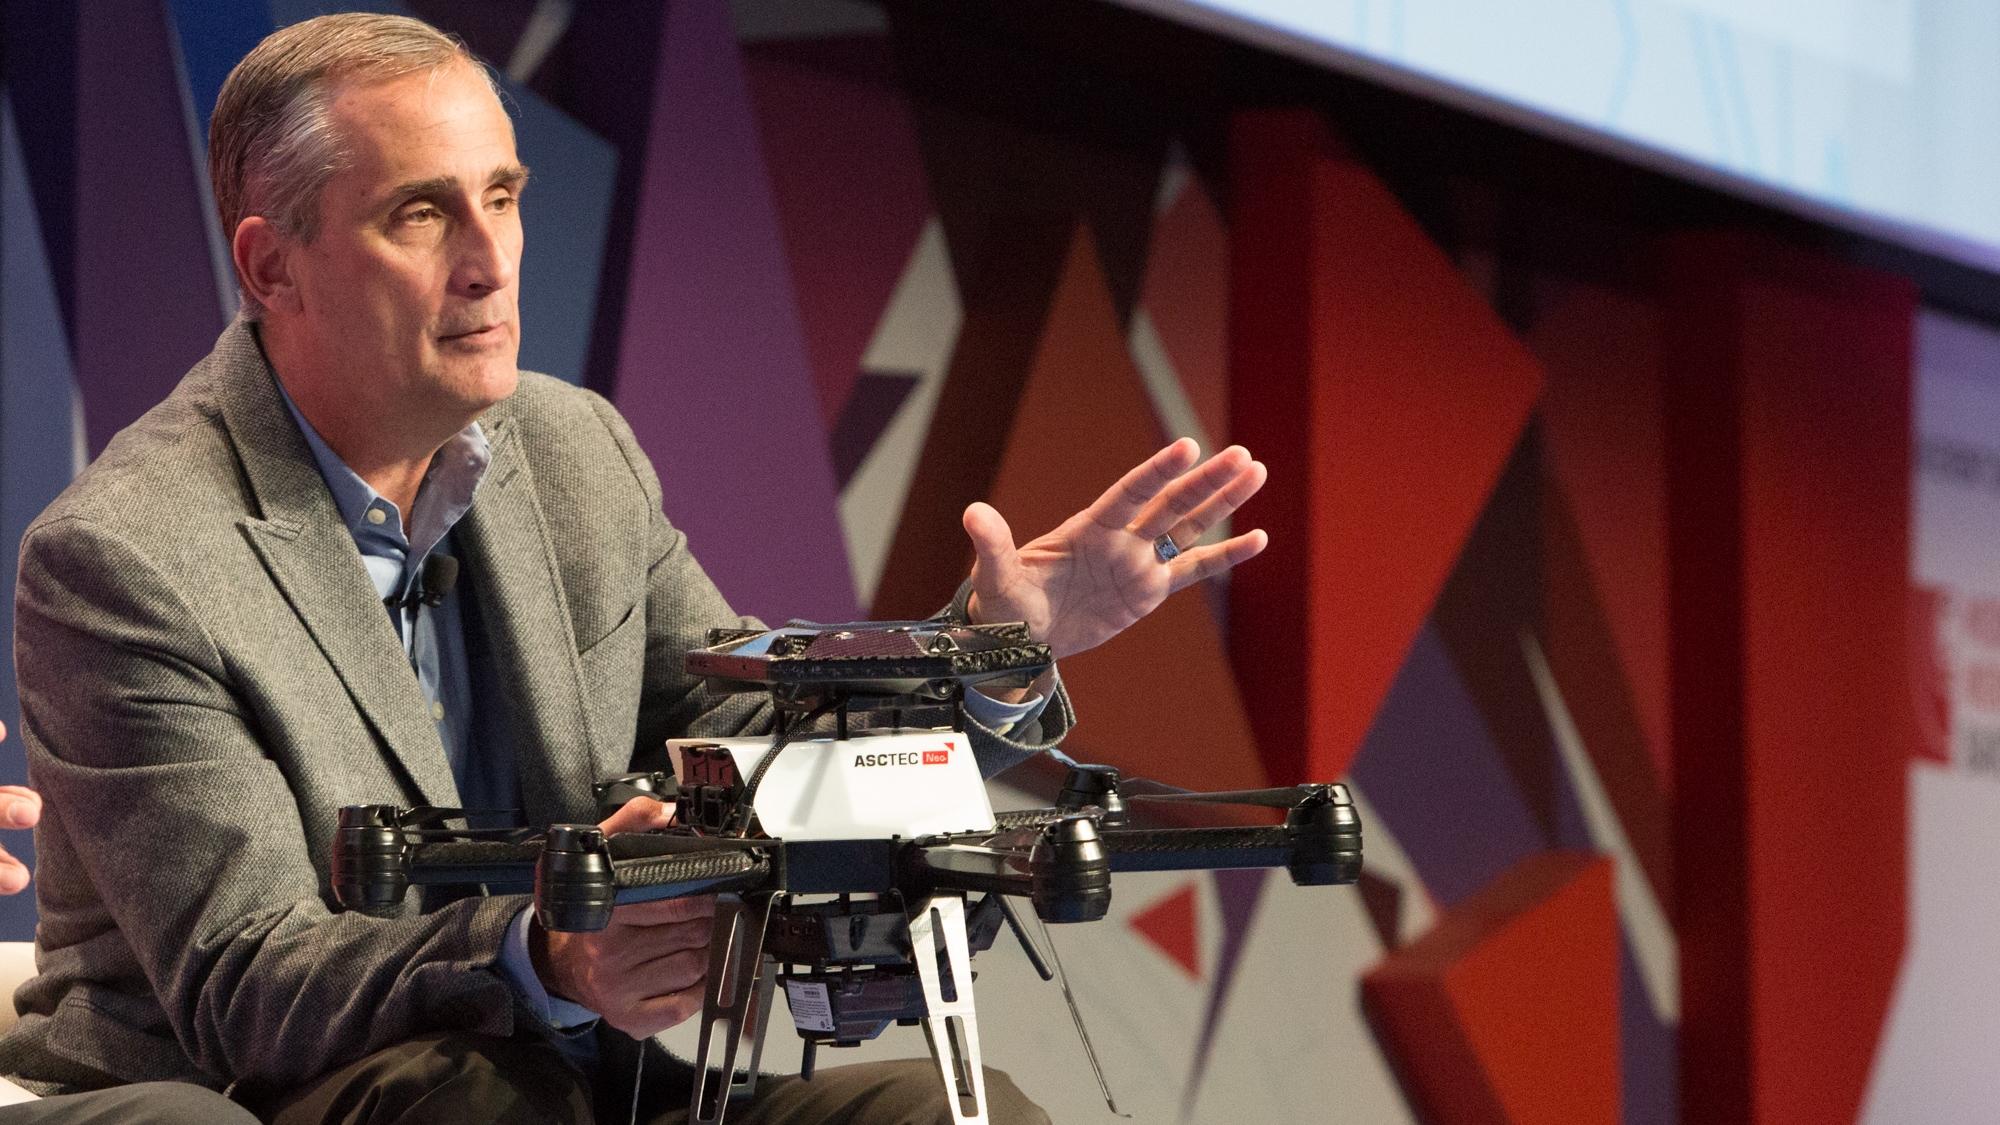 MWC-drone-krzanich-2